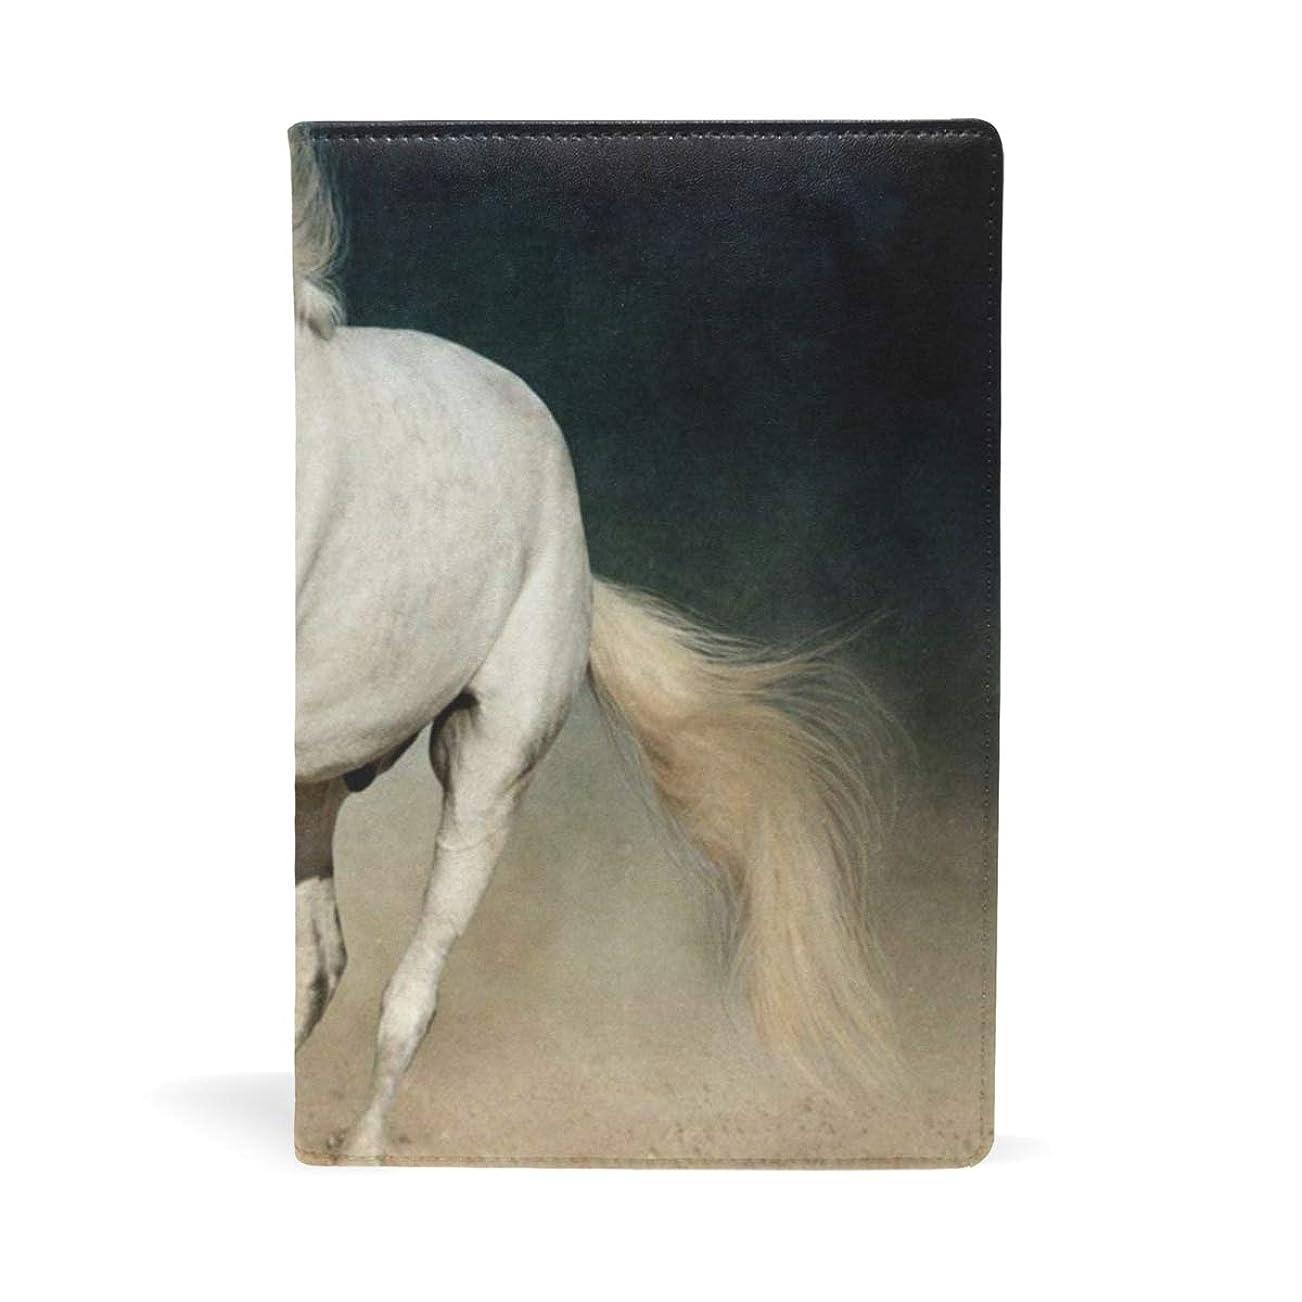 ストライドによると手がかり白馬 動物 ブックカバー 文庫 a5 皮革 おしゃれ 文庫本カバー 資料 収納入れ オフィス用品 読書 雑貨 プレゼント耐久性に優れ